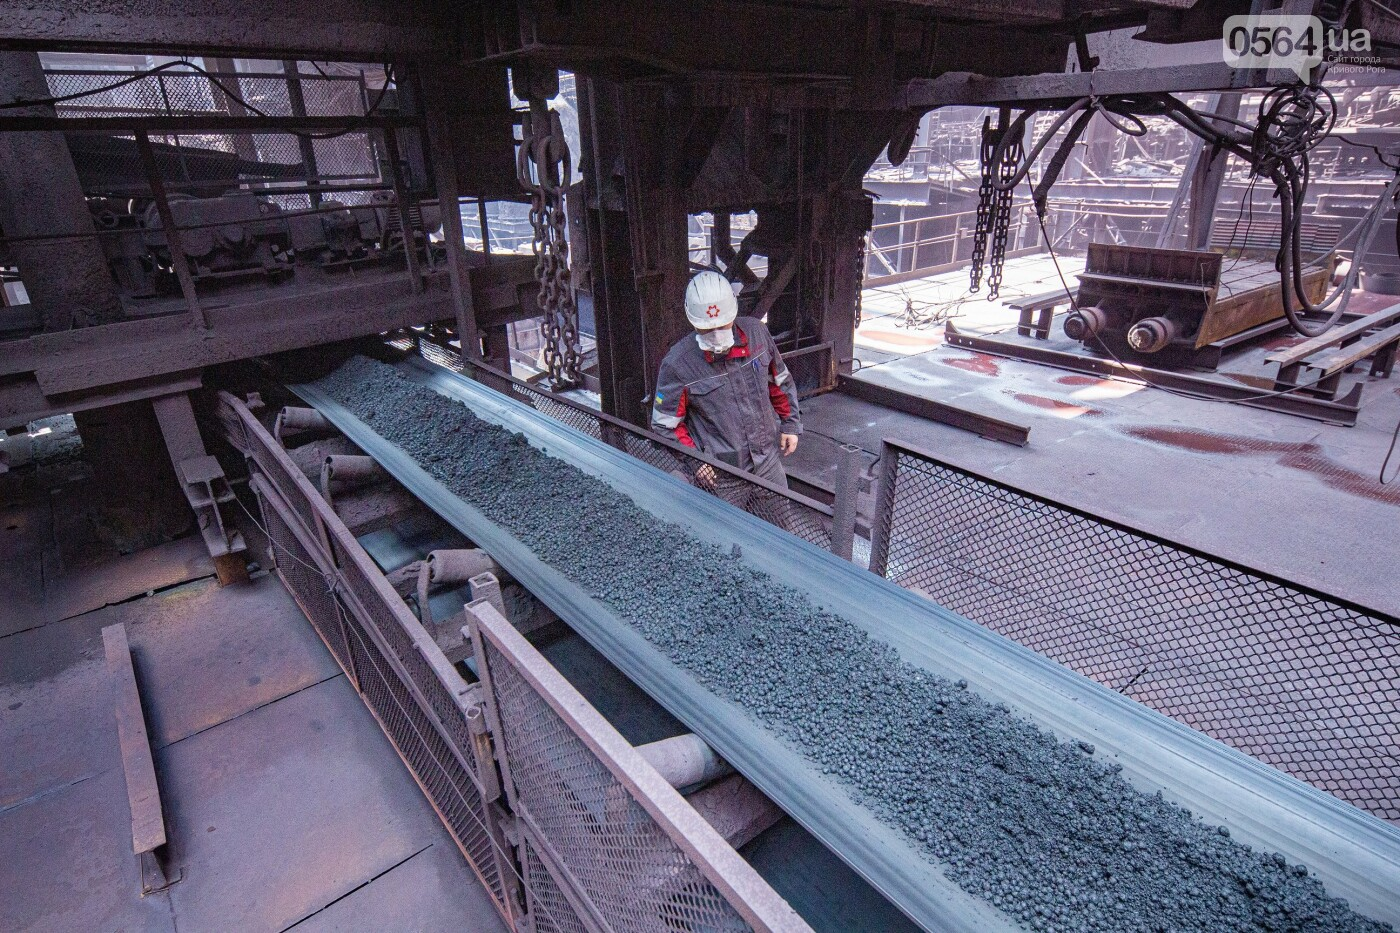 Северный ГОК продолжил модернизацию газоочистного оборудования в цехах производства окатышей, фото-1